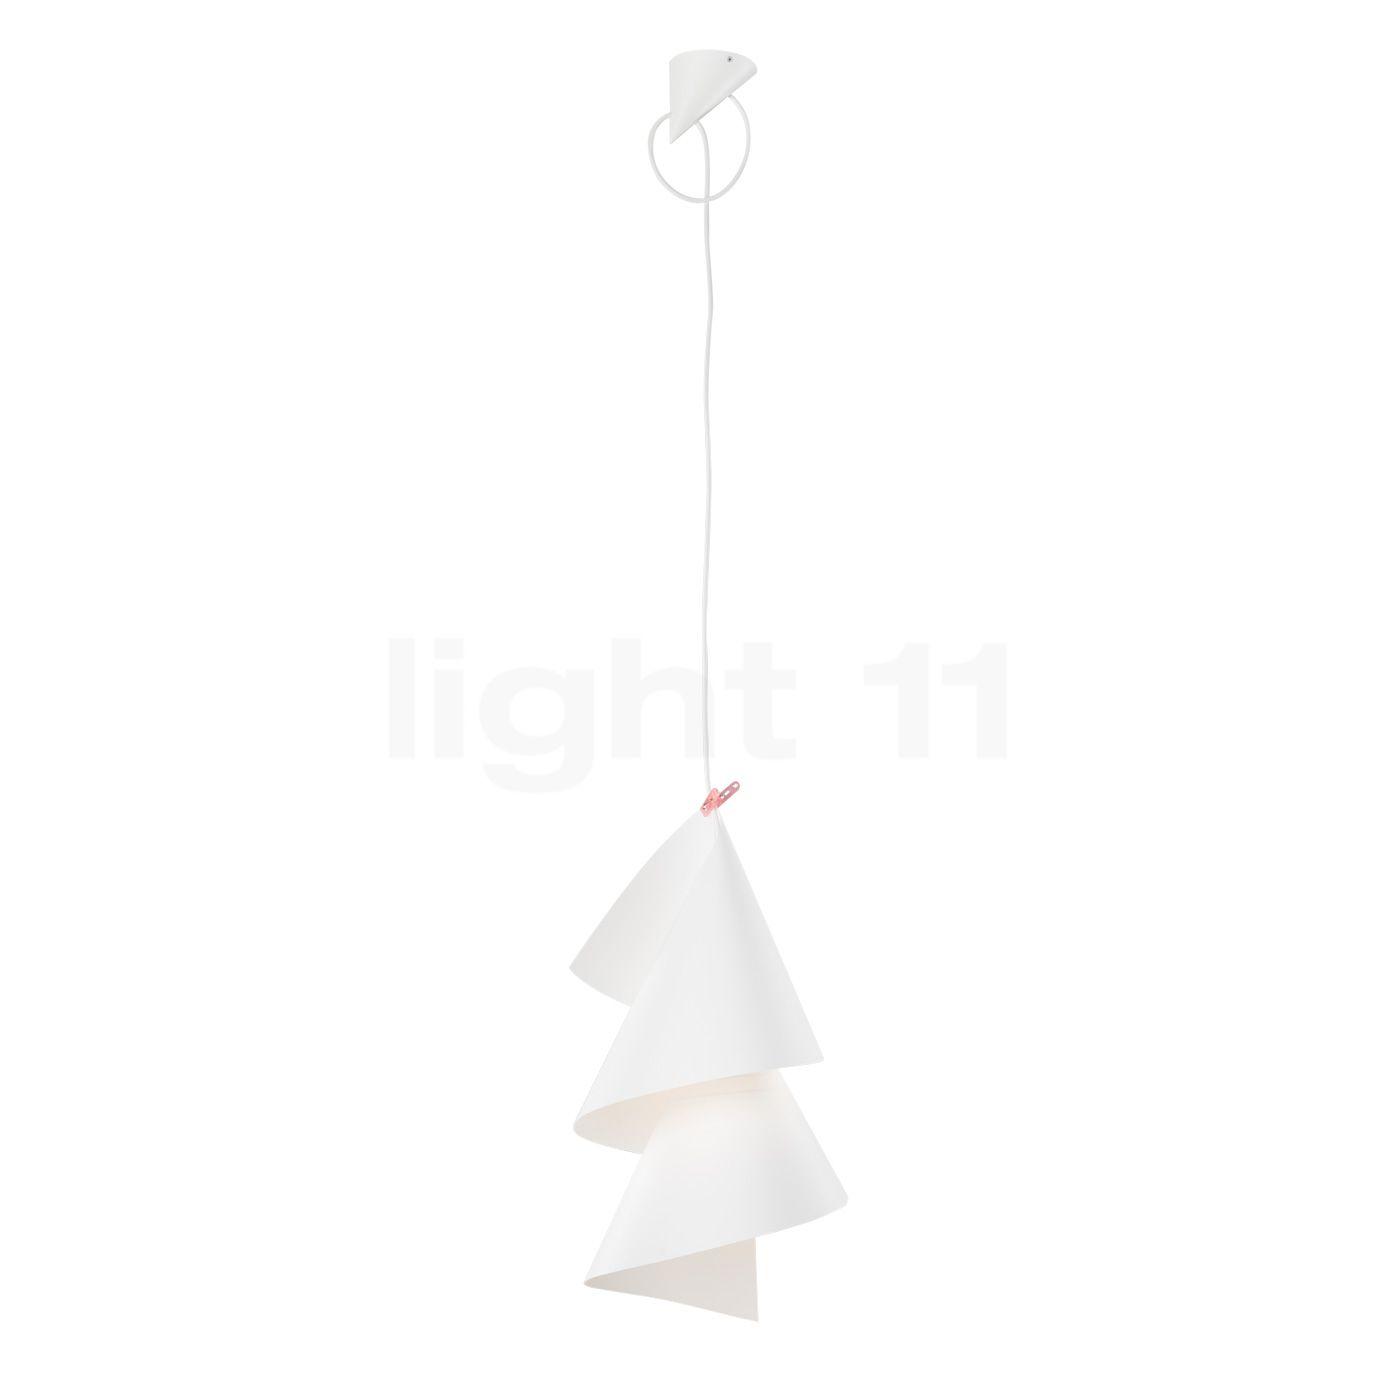 Ingo Maurer Willydilly, weiß, Kabel 450 cm 1052020